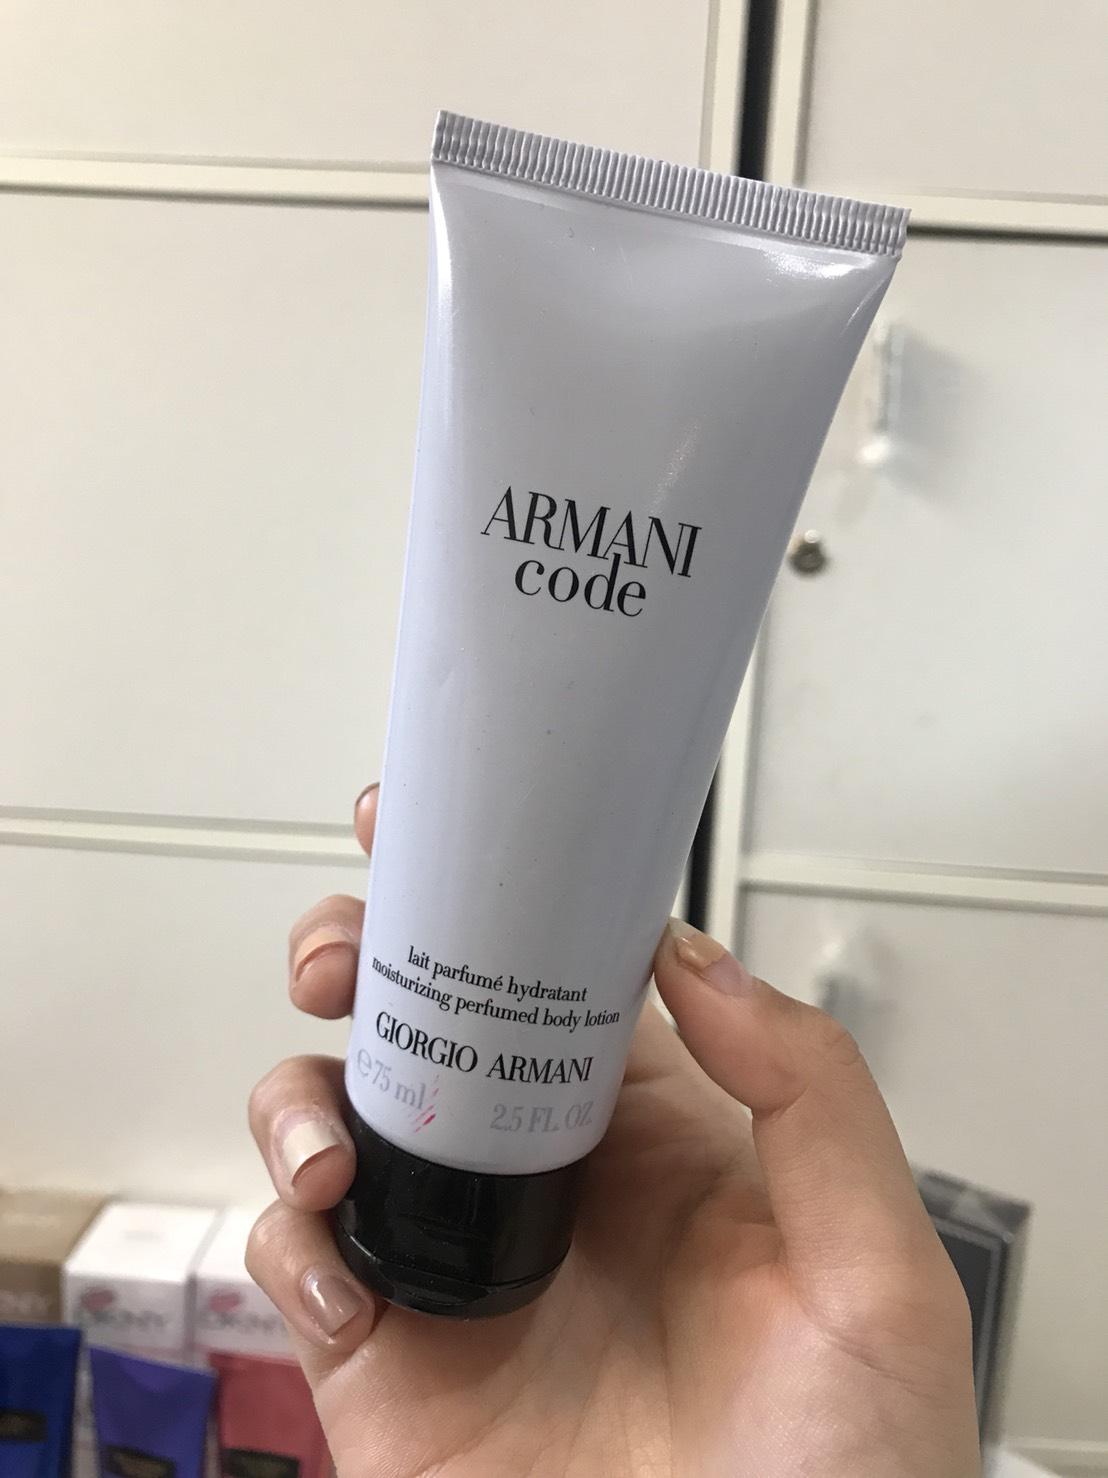 โลชั่นน้ำหอม Armani Code Parfum ขนาด 75ml.